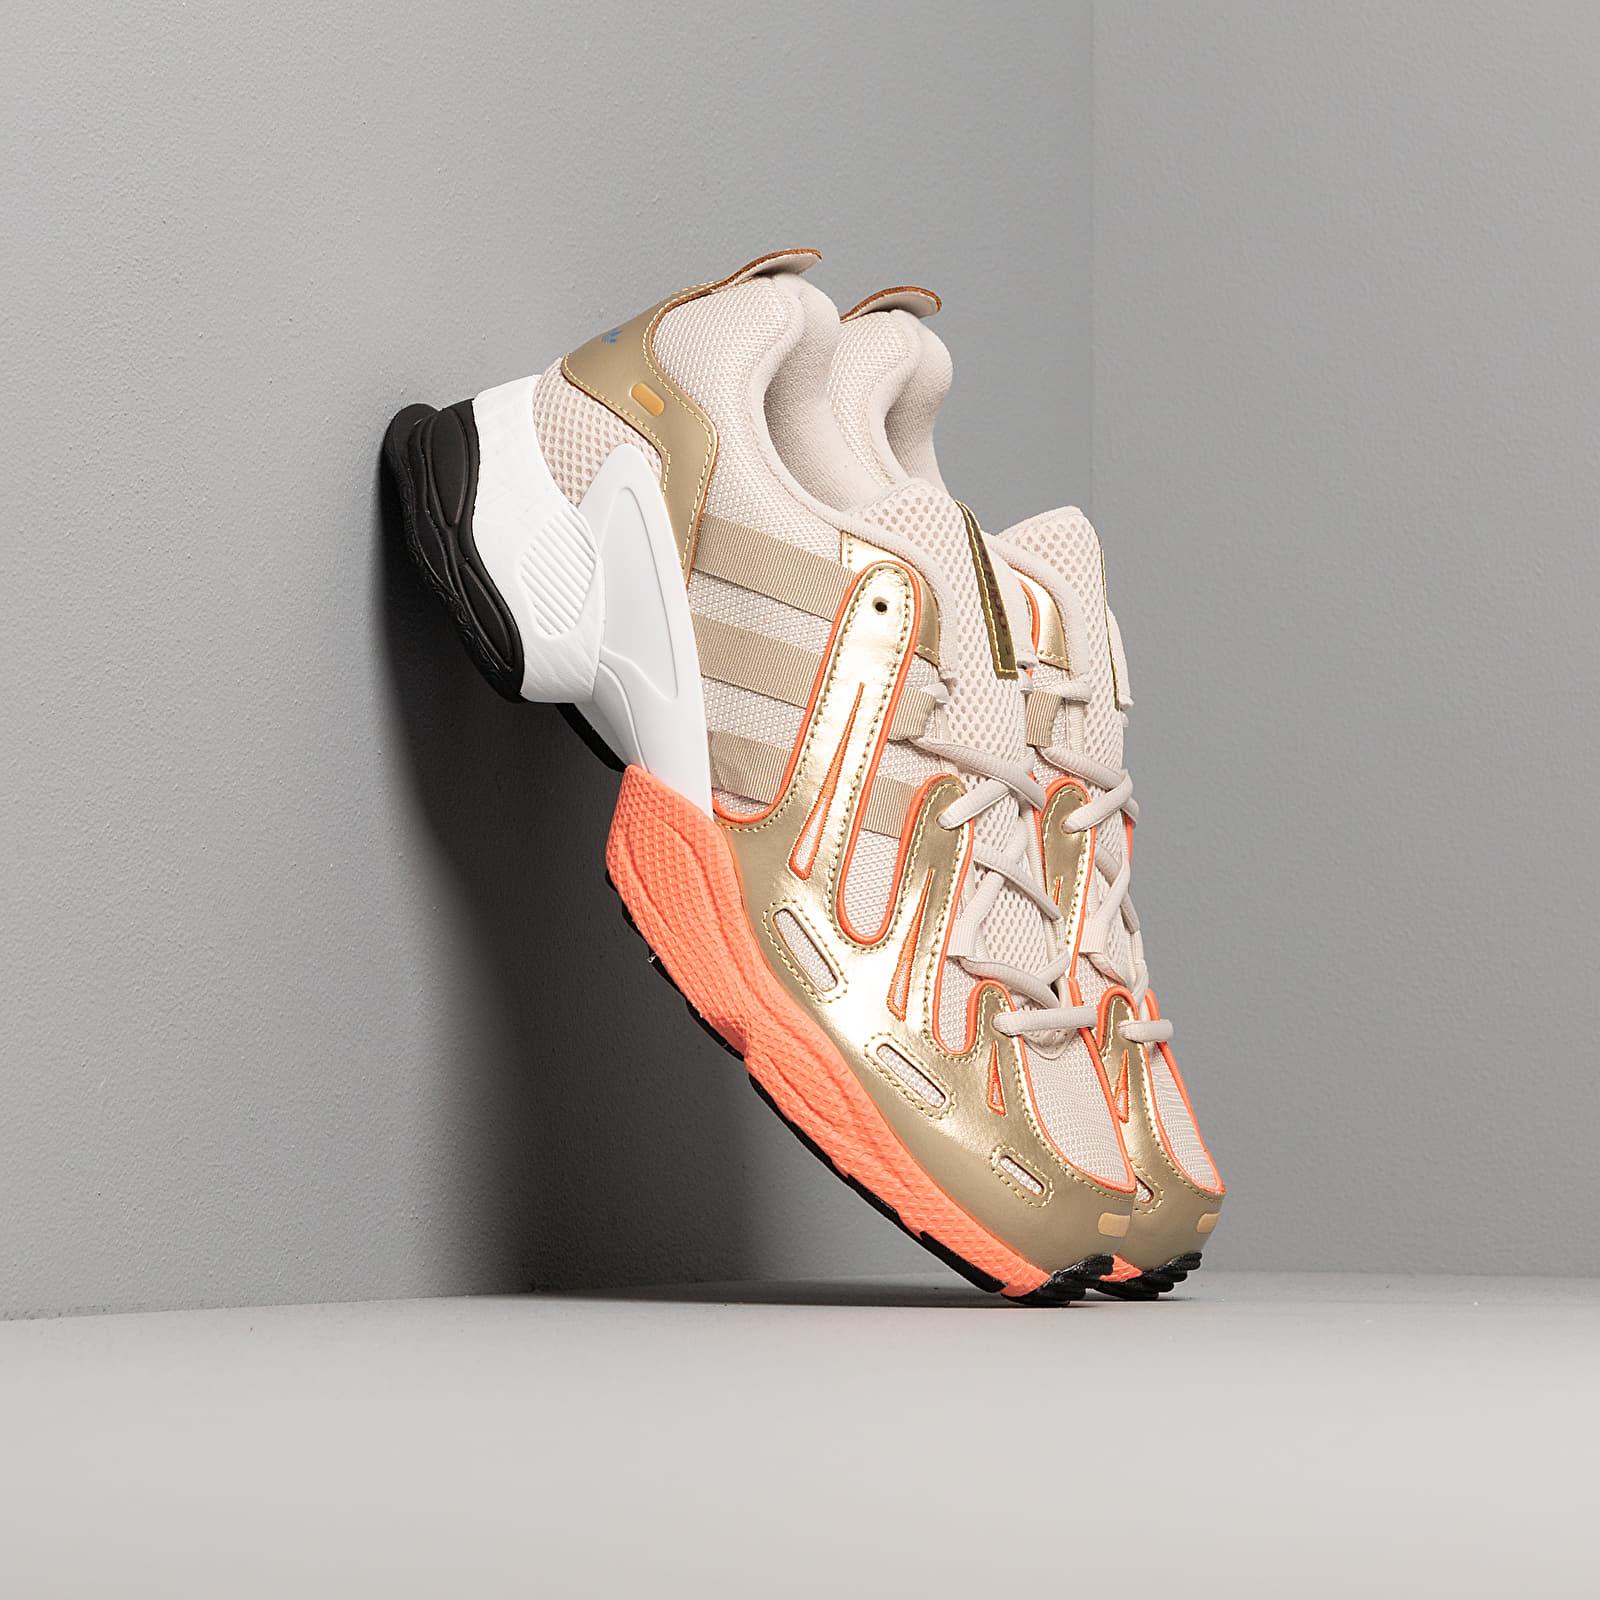 Ανδρικά παπούτσια adidas EQT Gazelle Core Brown/ Raw Gold/ Semi Core Orange